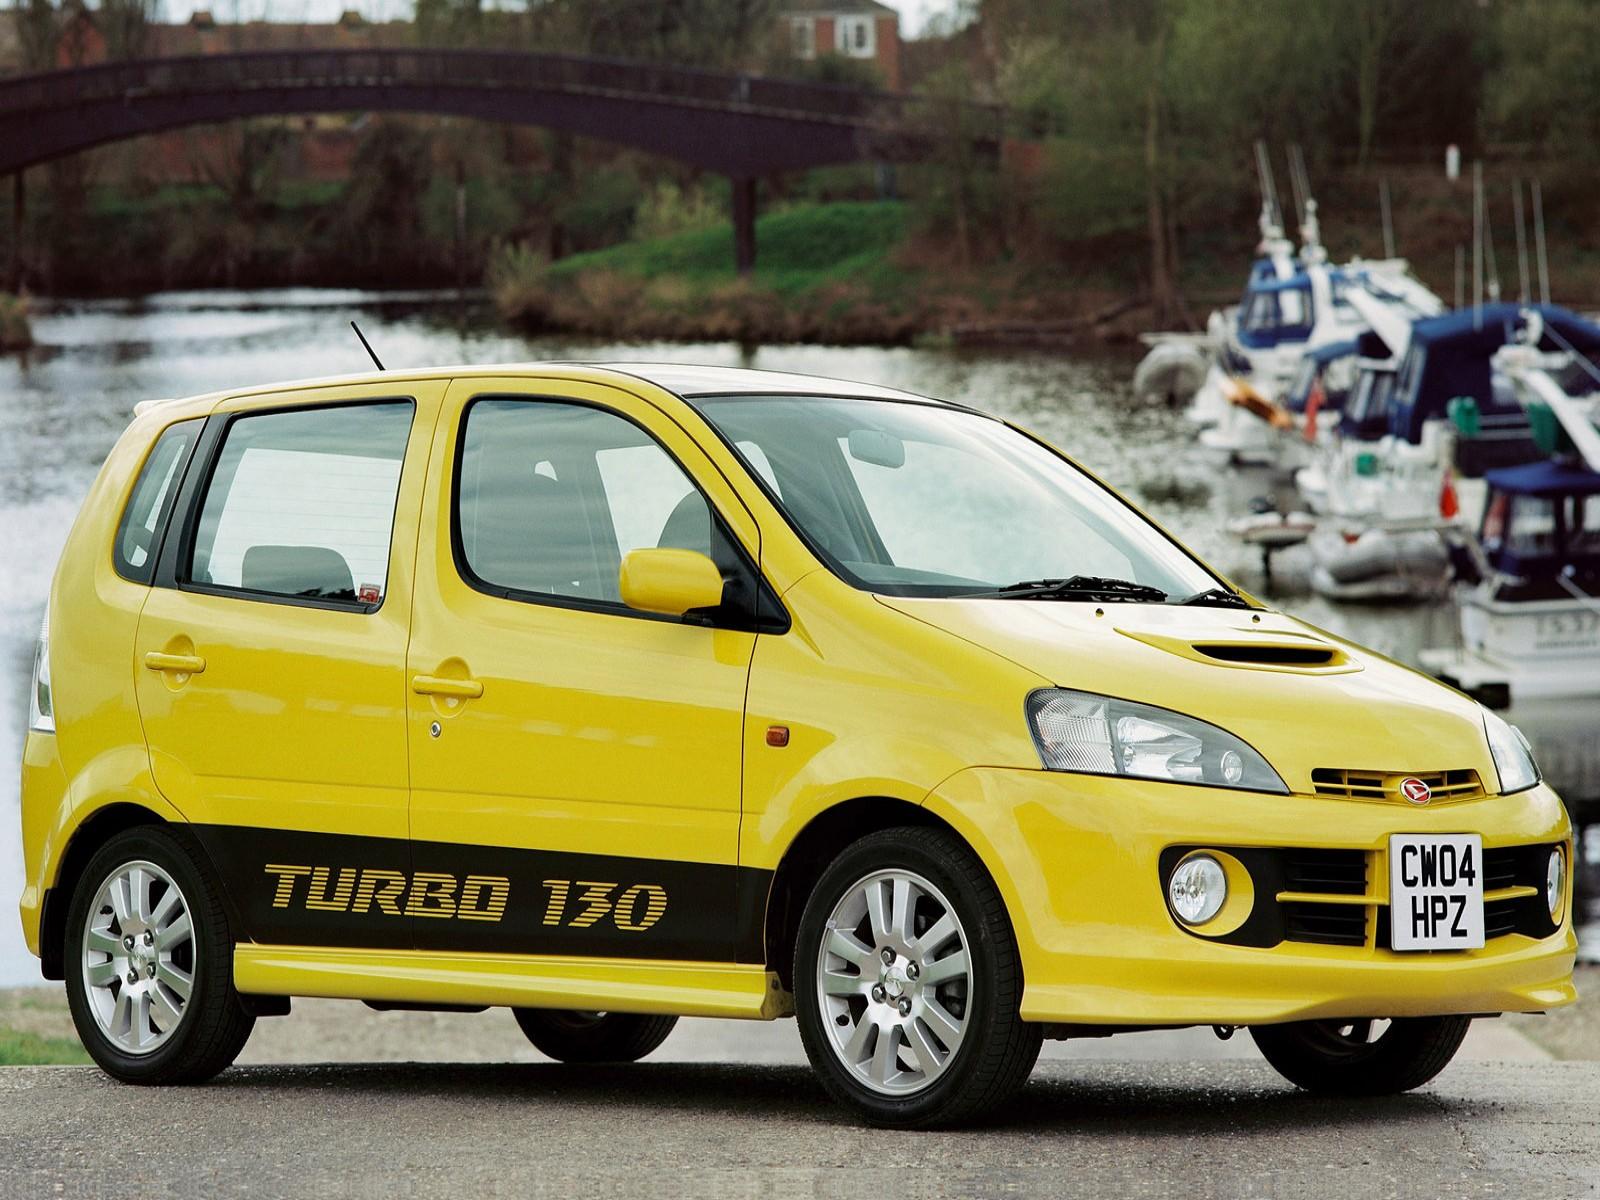 daihatsu turbo: